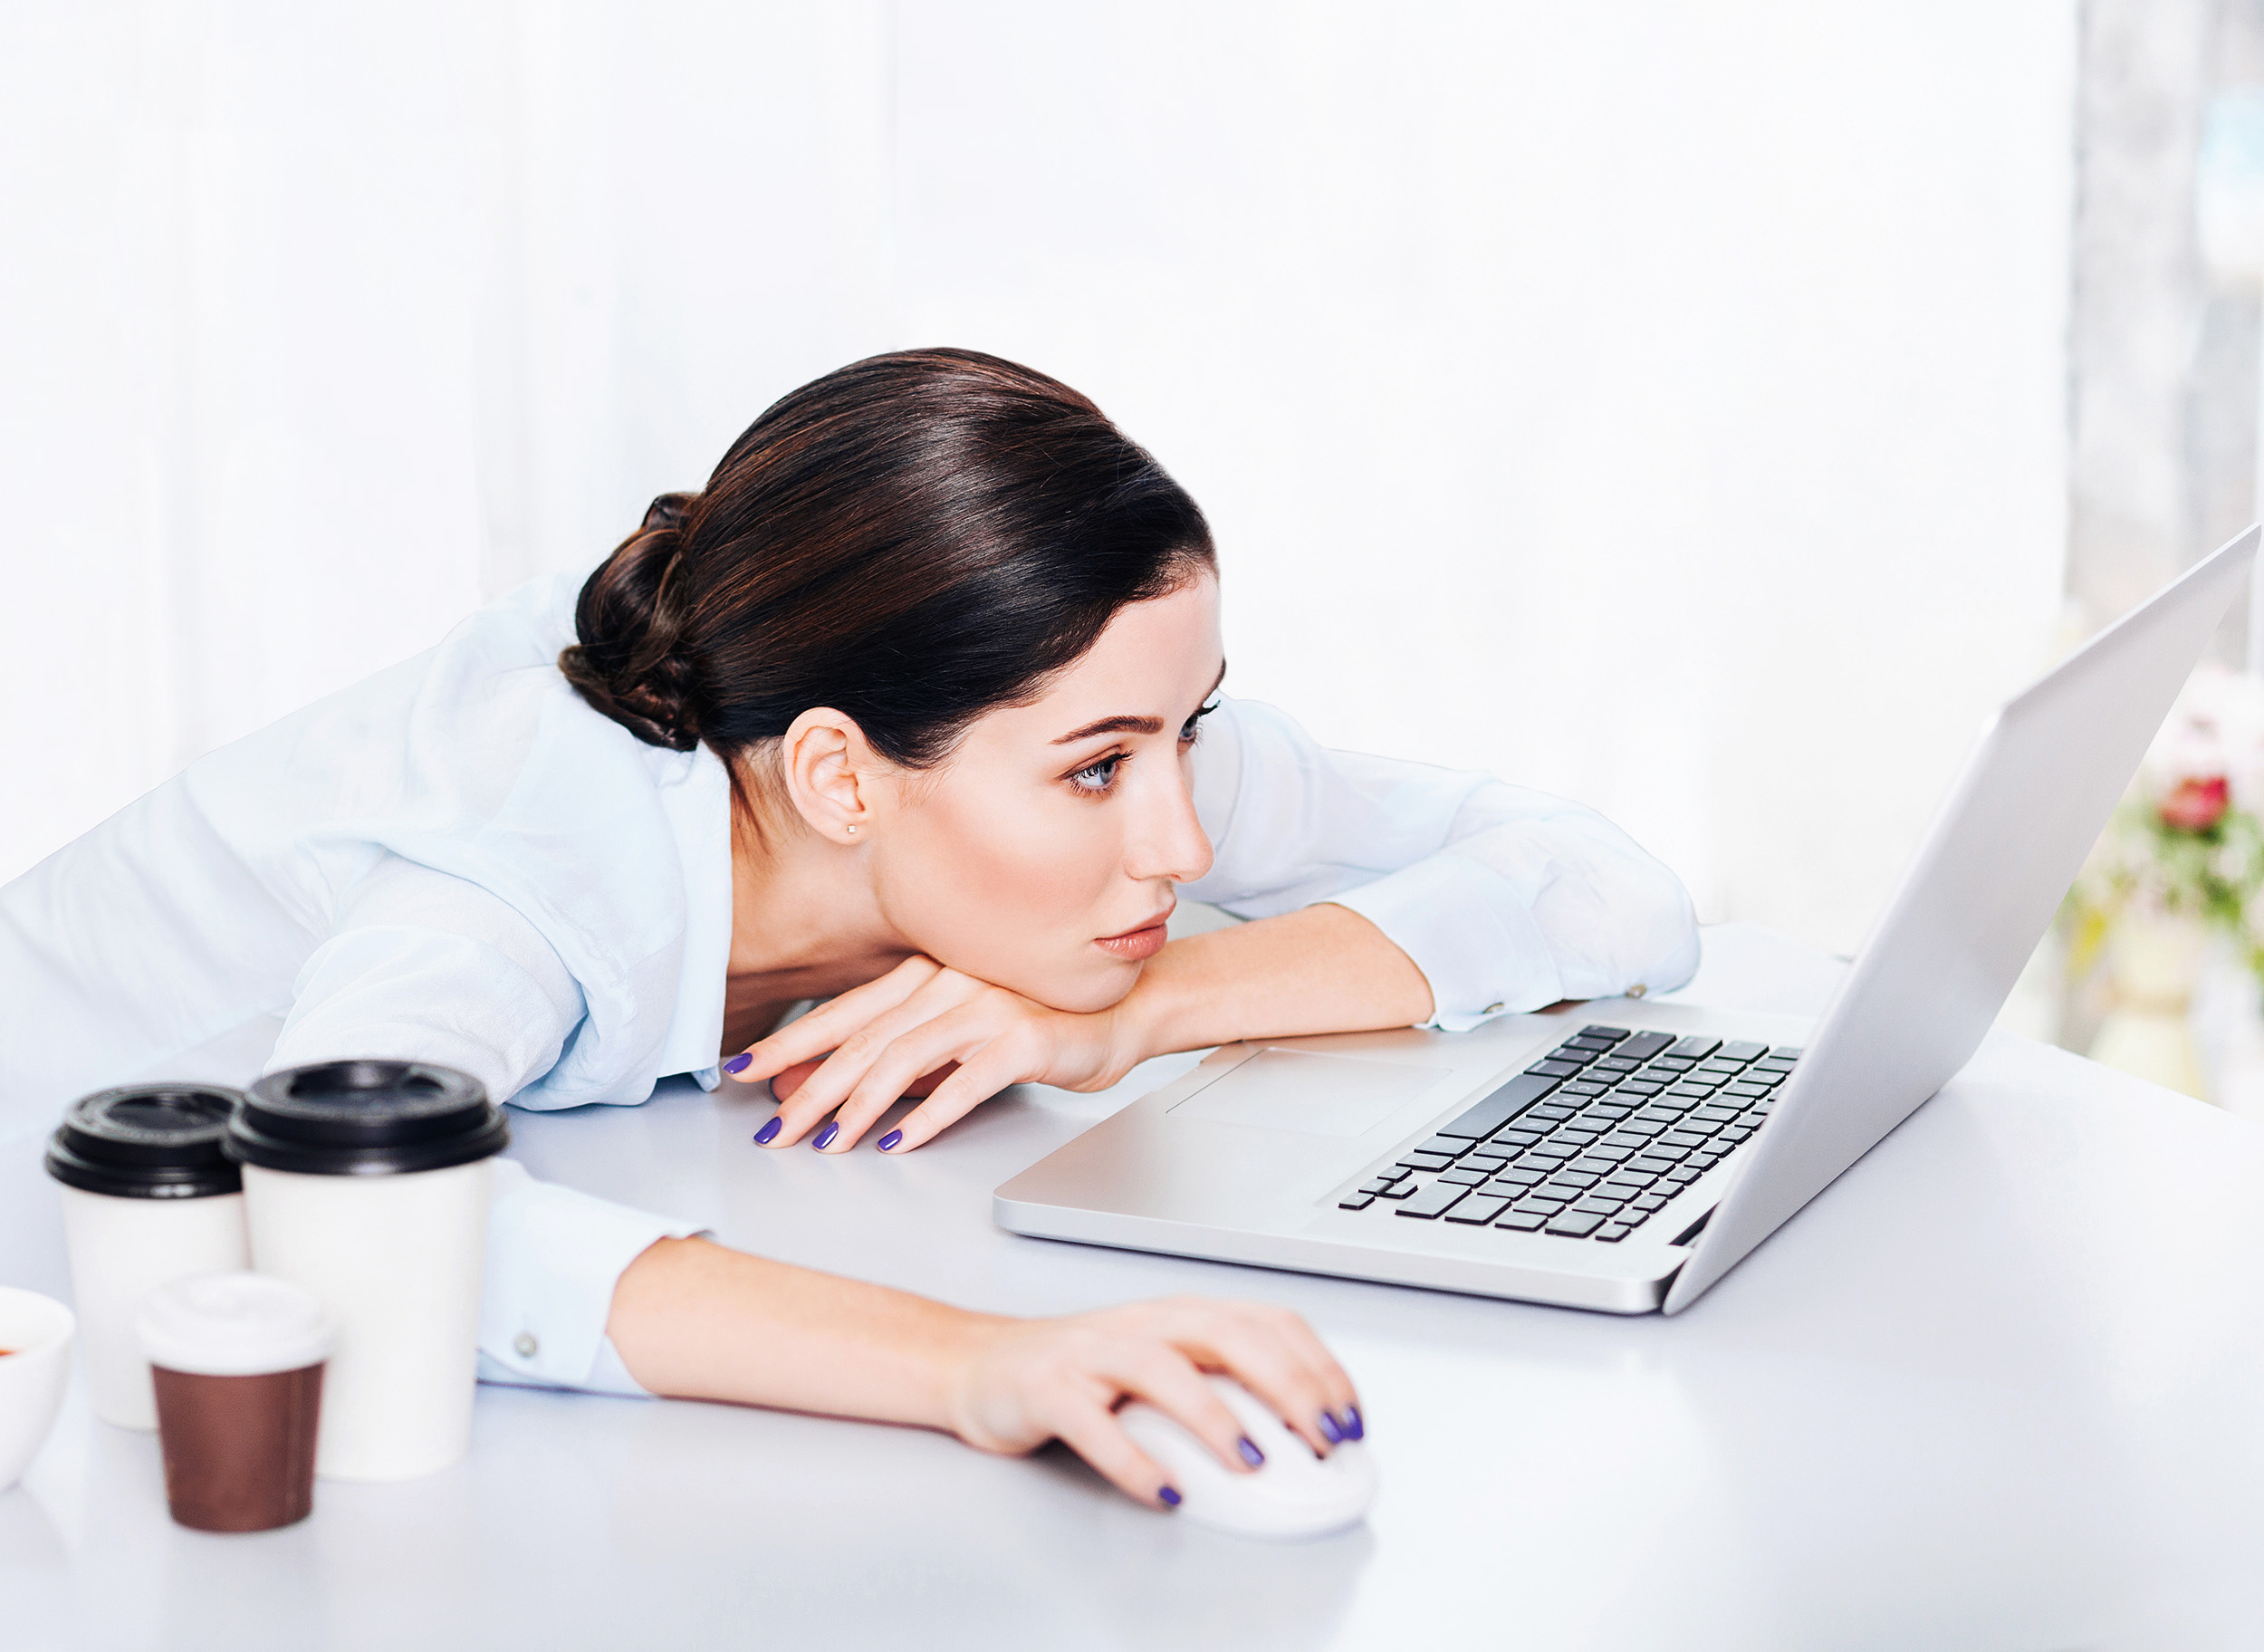 Szybkie I Wygodne Fryzury Do Pracy Kobietypl